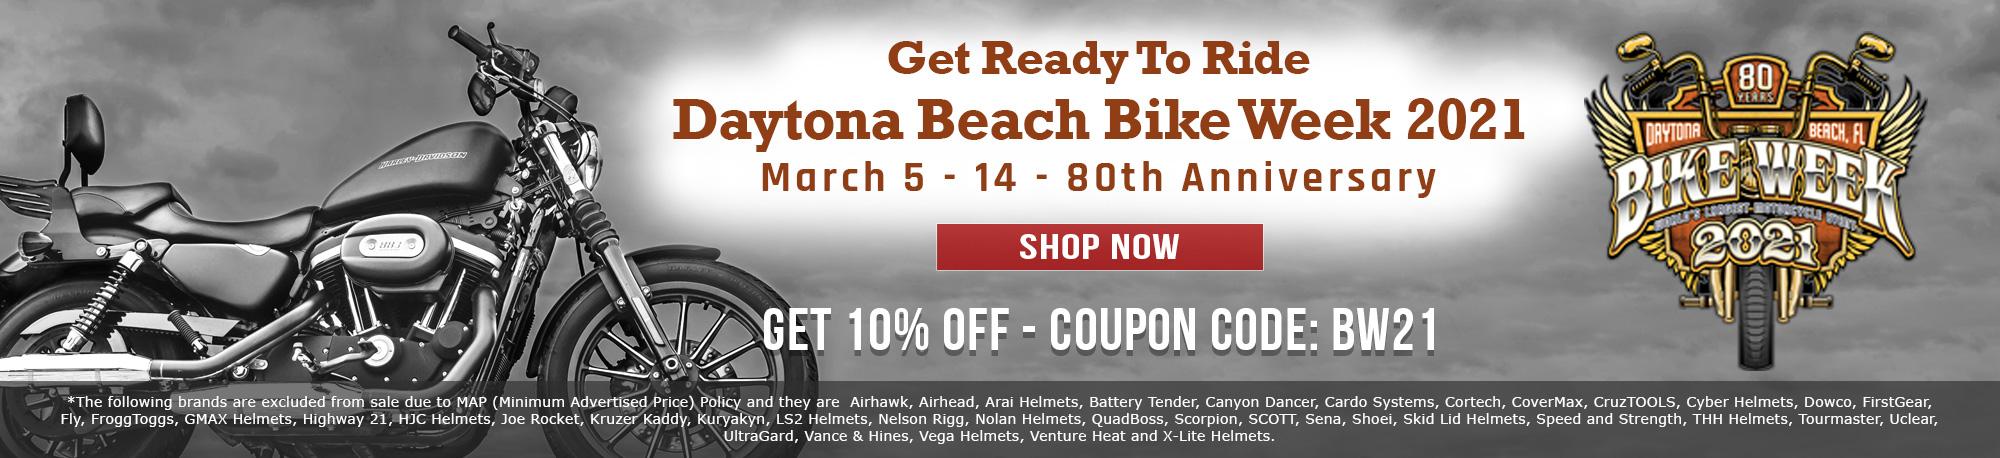 Daytona Beach Bike Week 2021